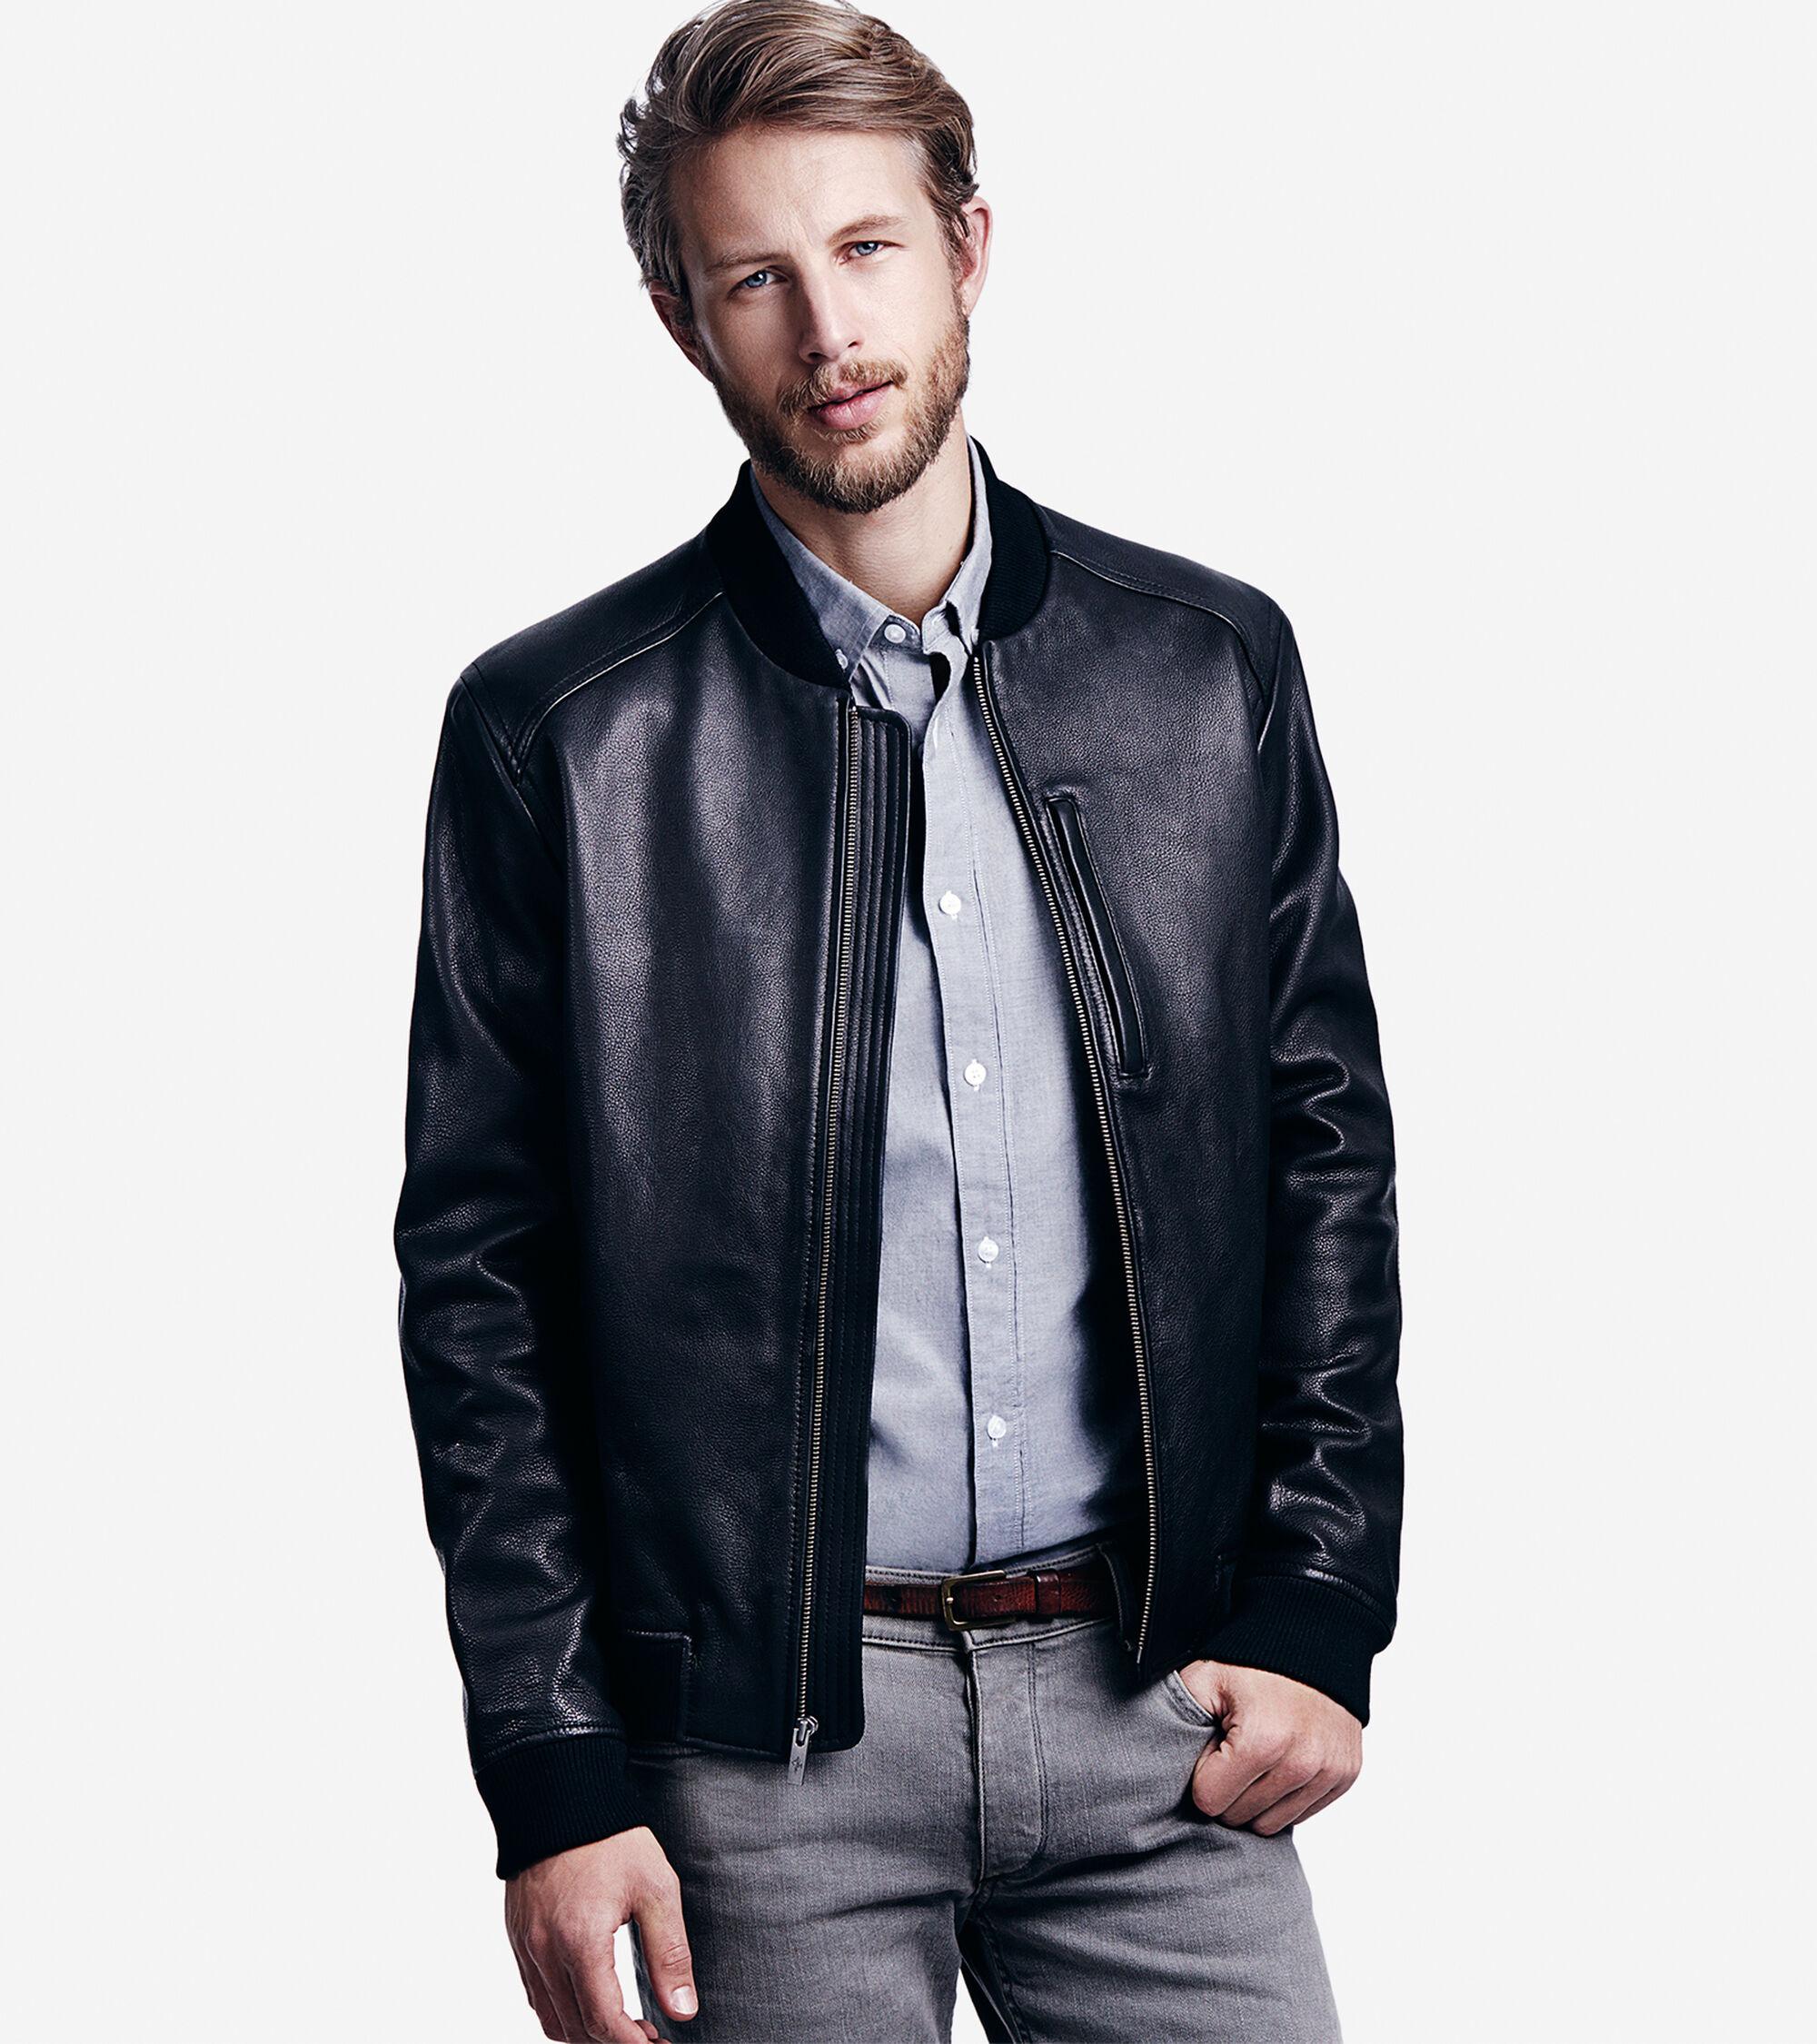 Black Leather Baseball Jacket - Jacket